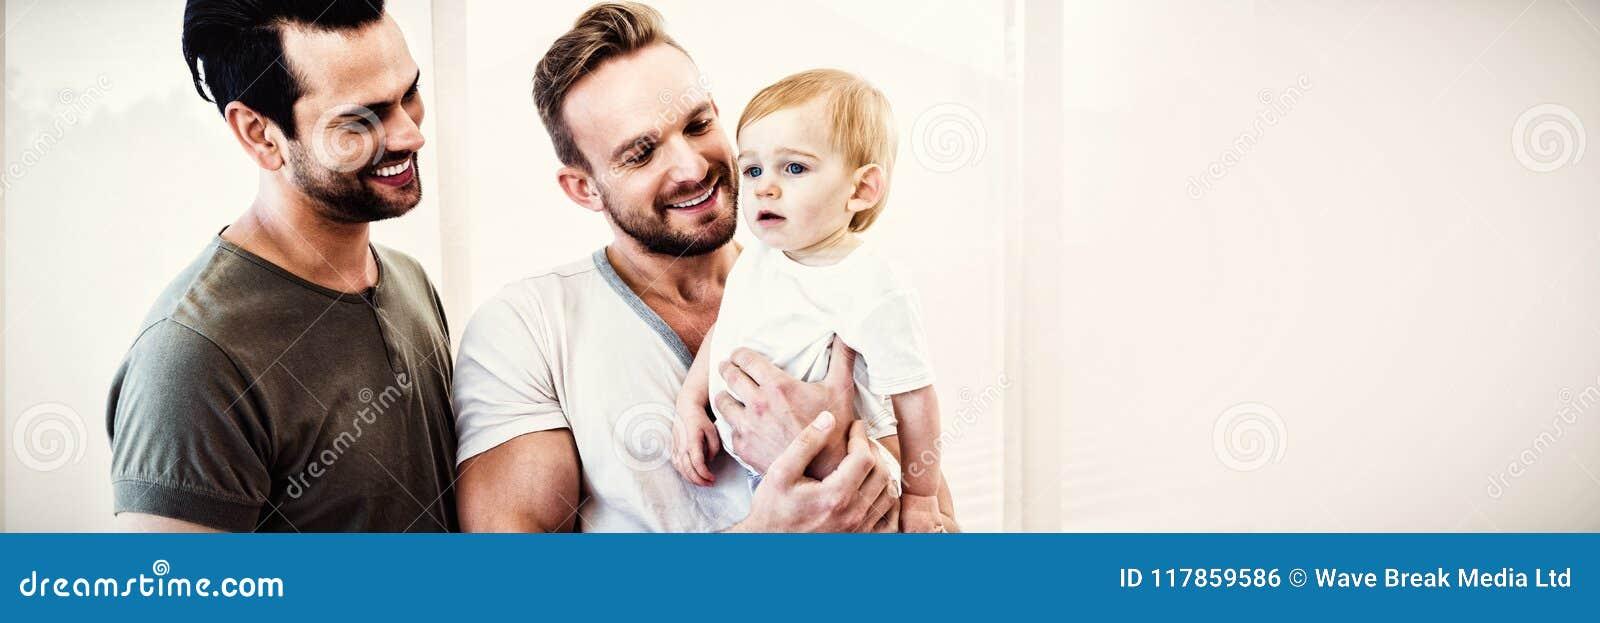 Vrolijk paar met kind thuis